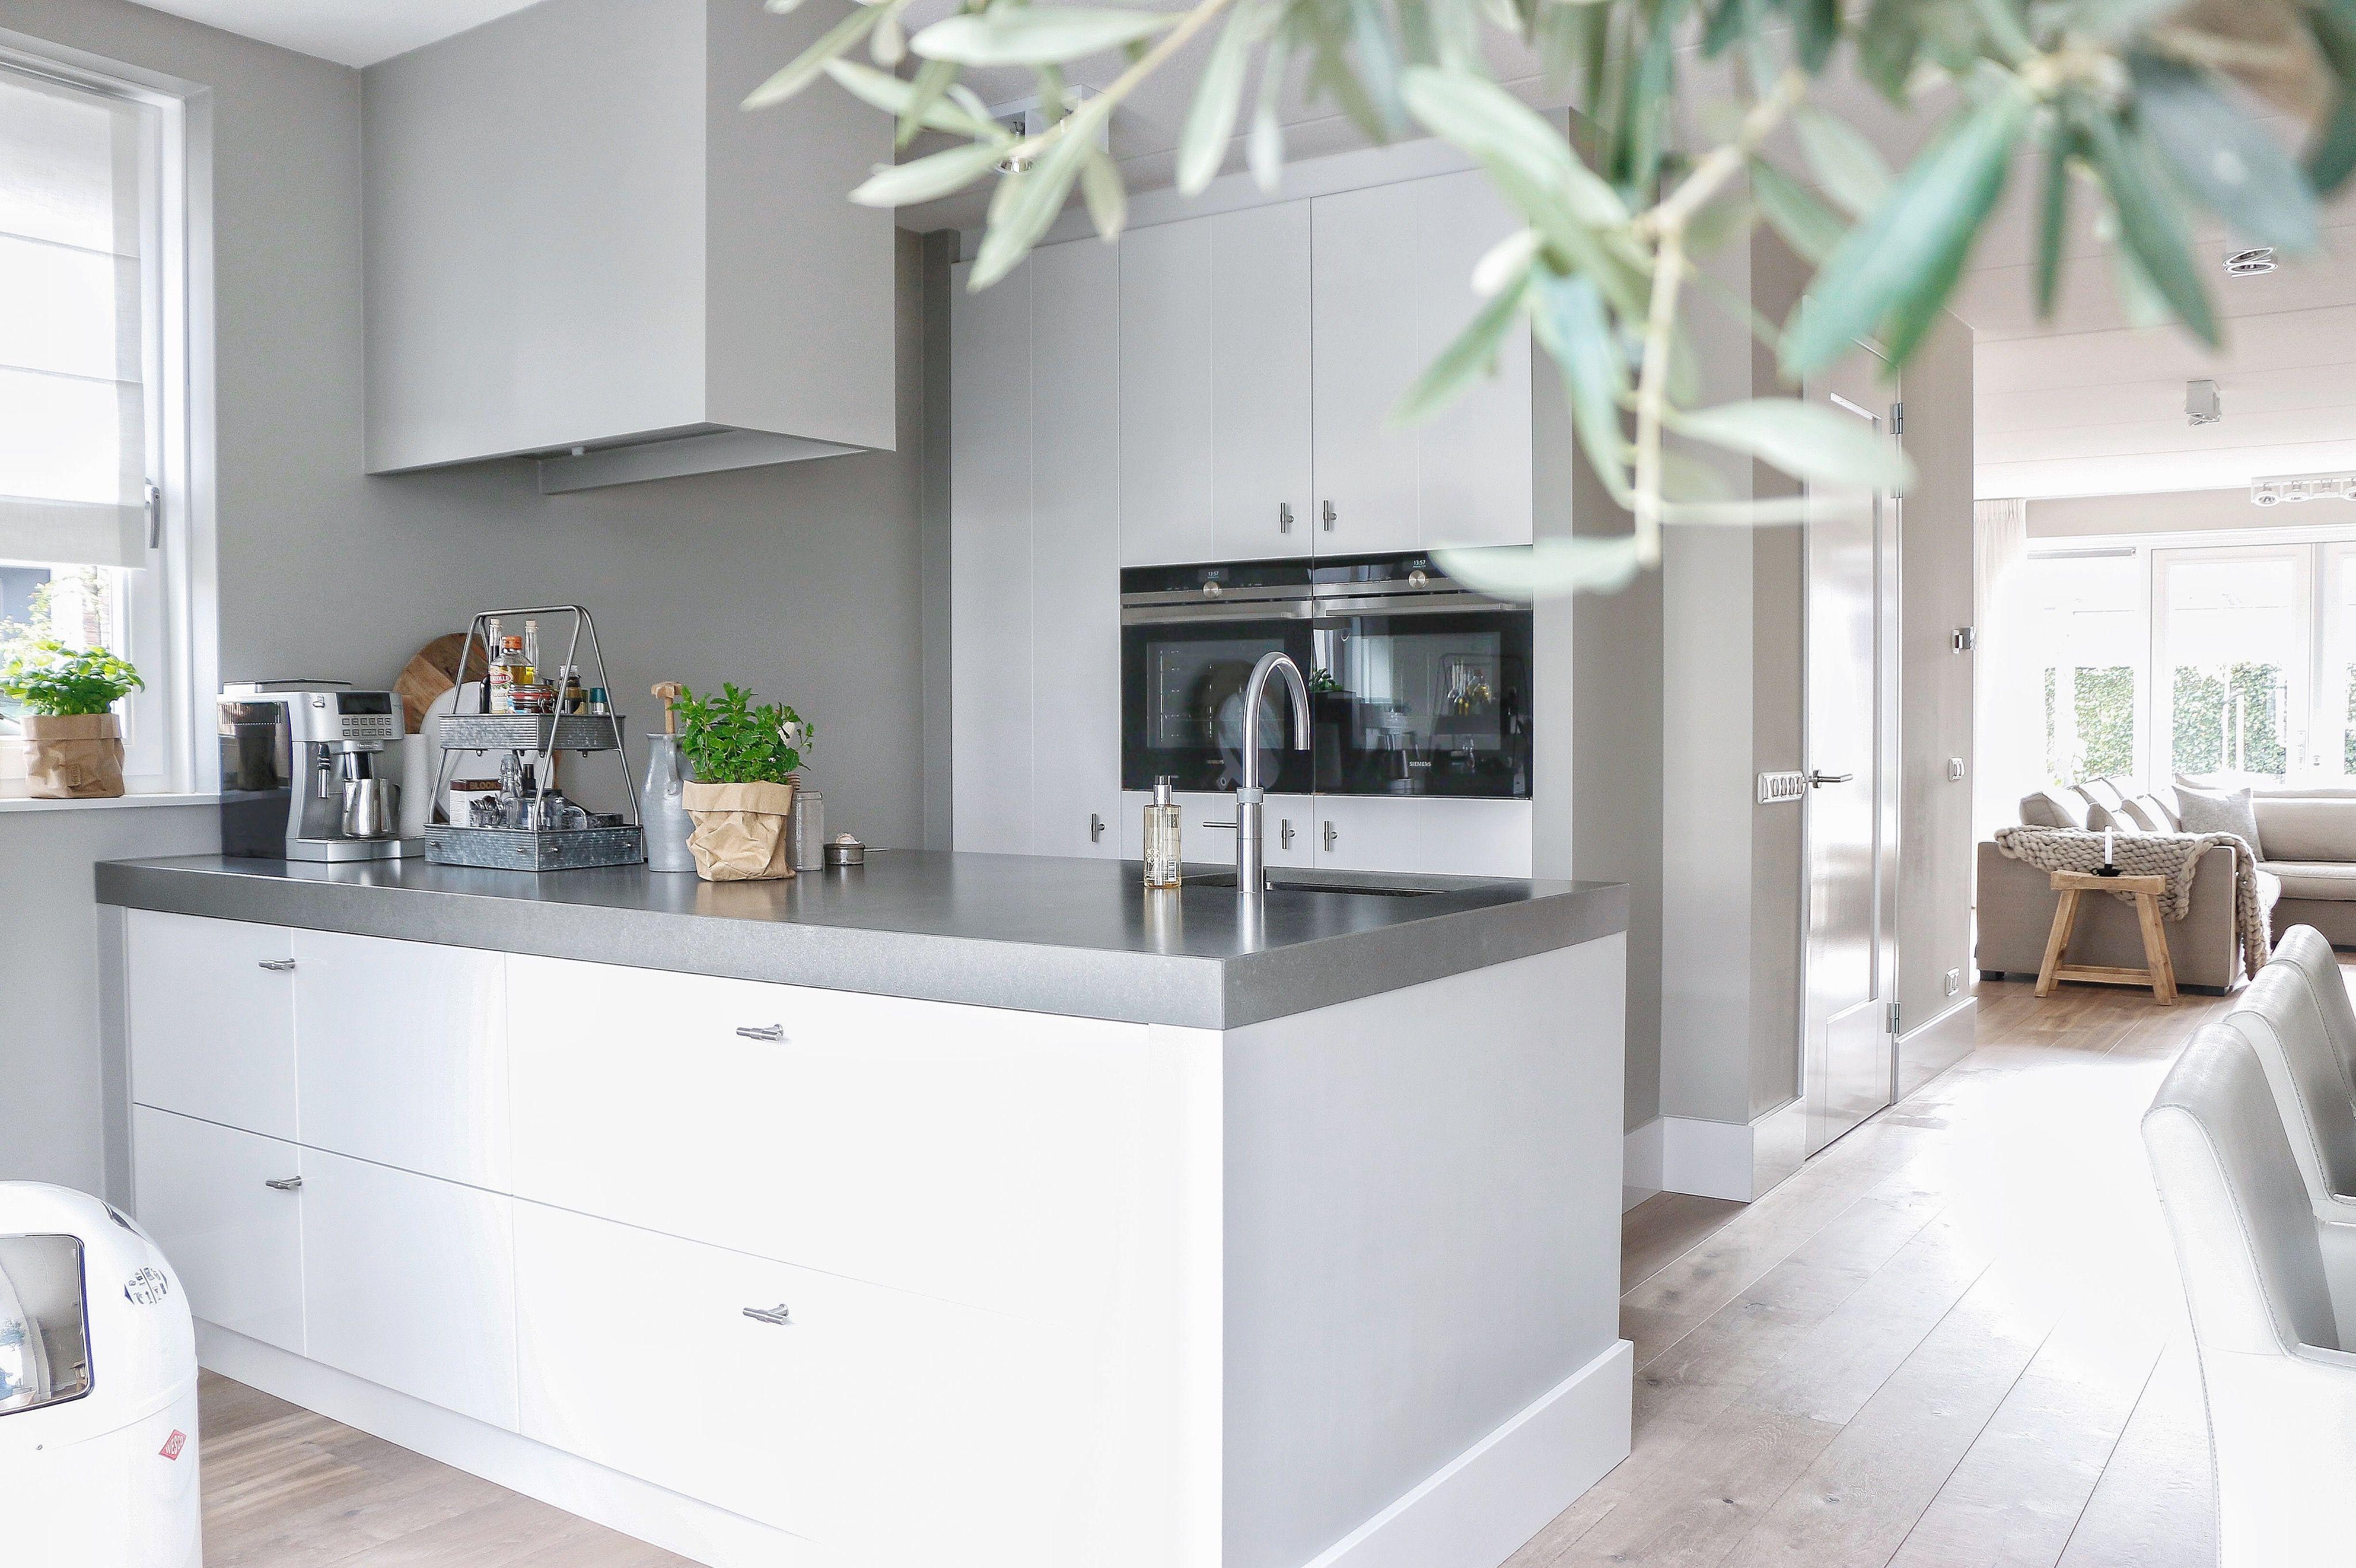 Inspiratie Keuken Decoratie : Woonkeuken keukendecoratie meer inspiratie kijk op instagram